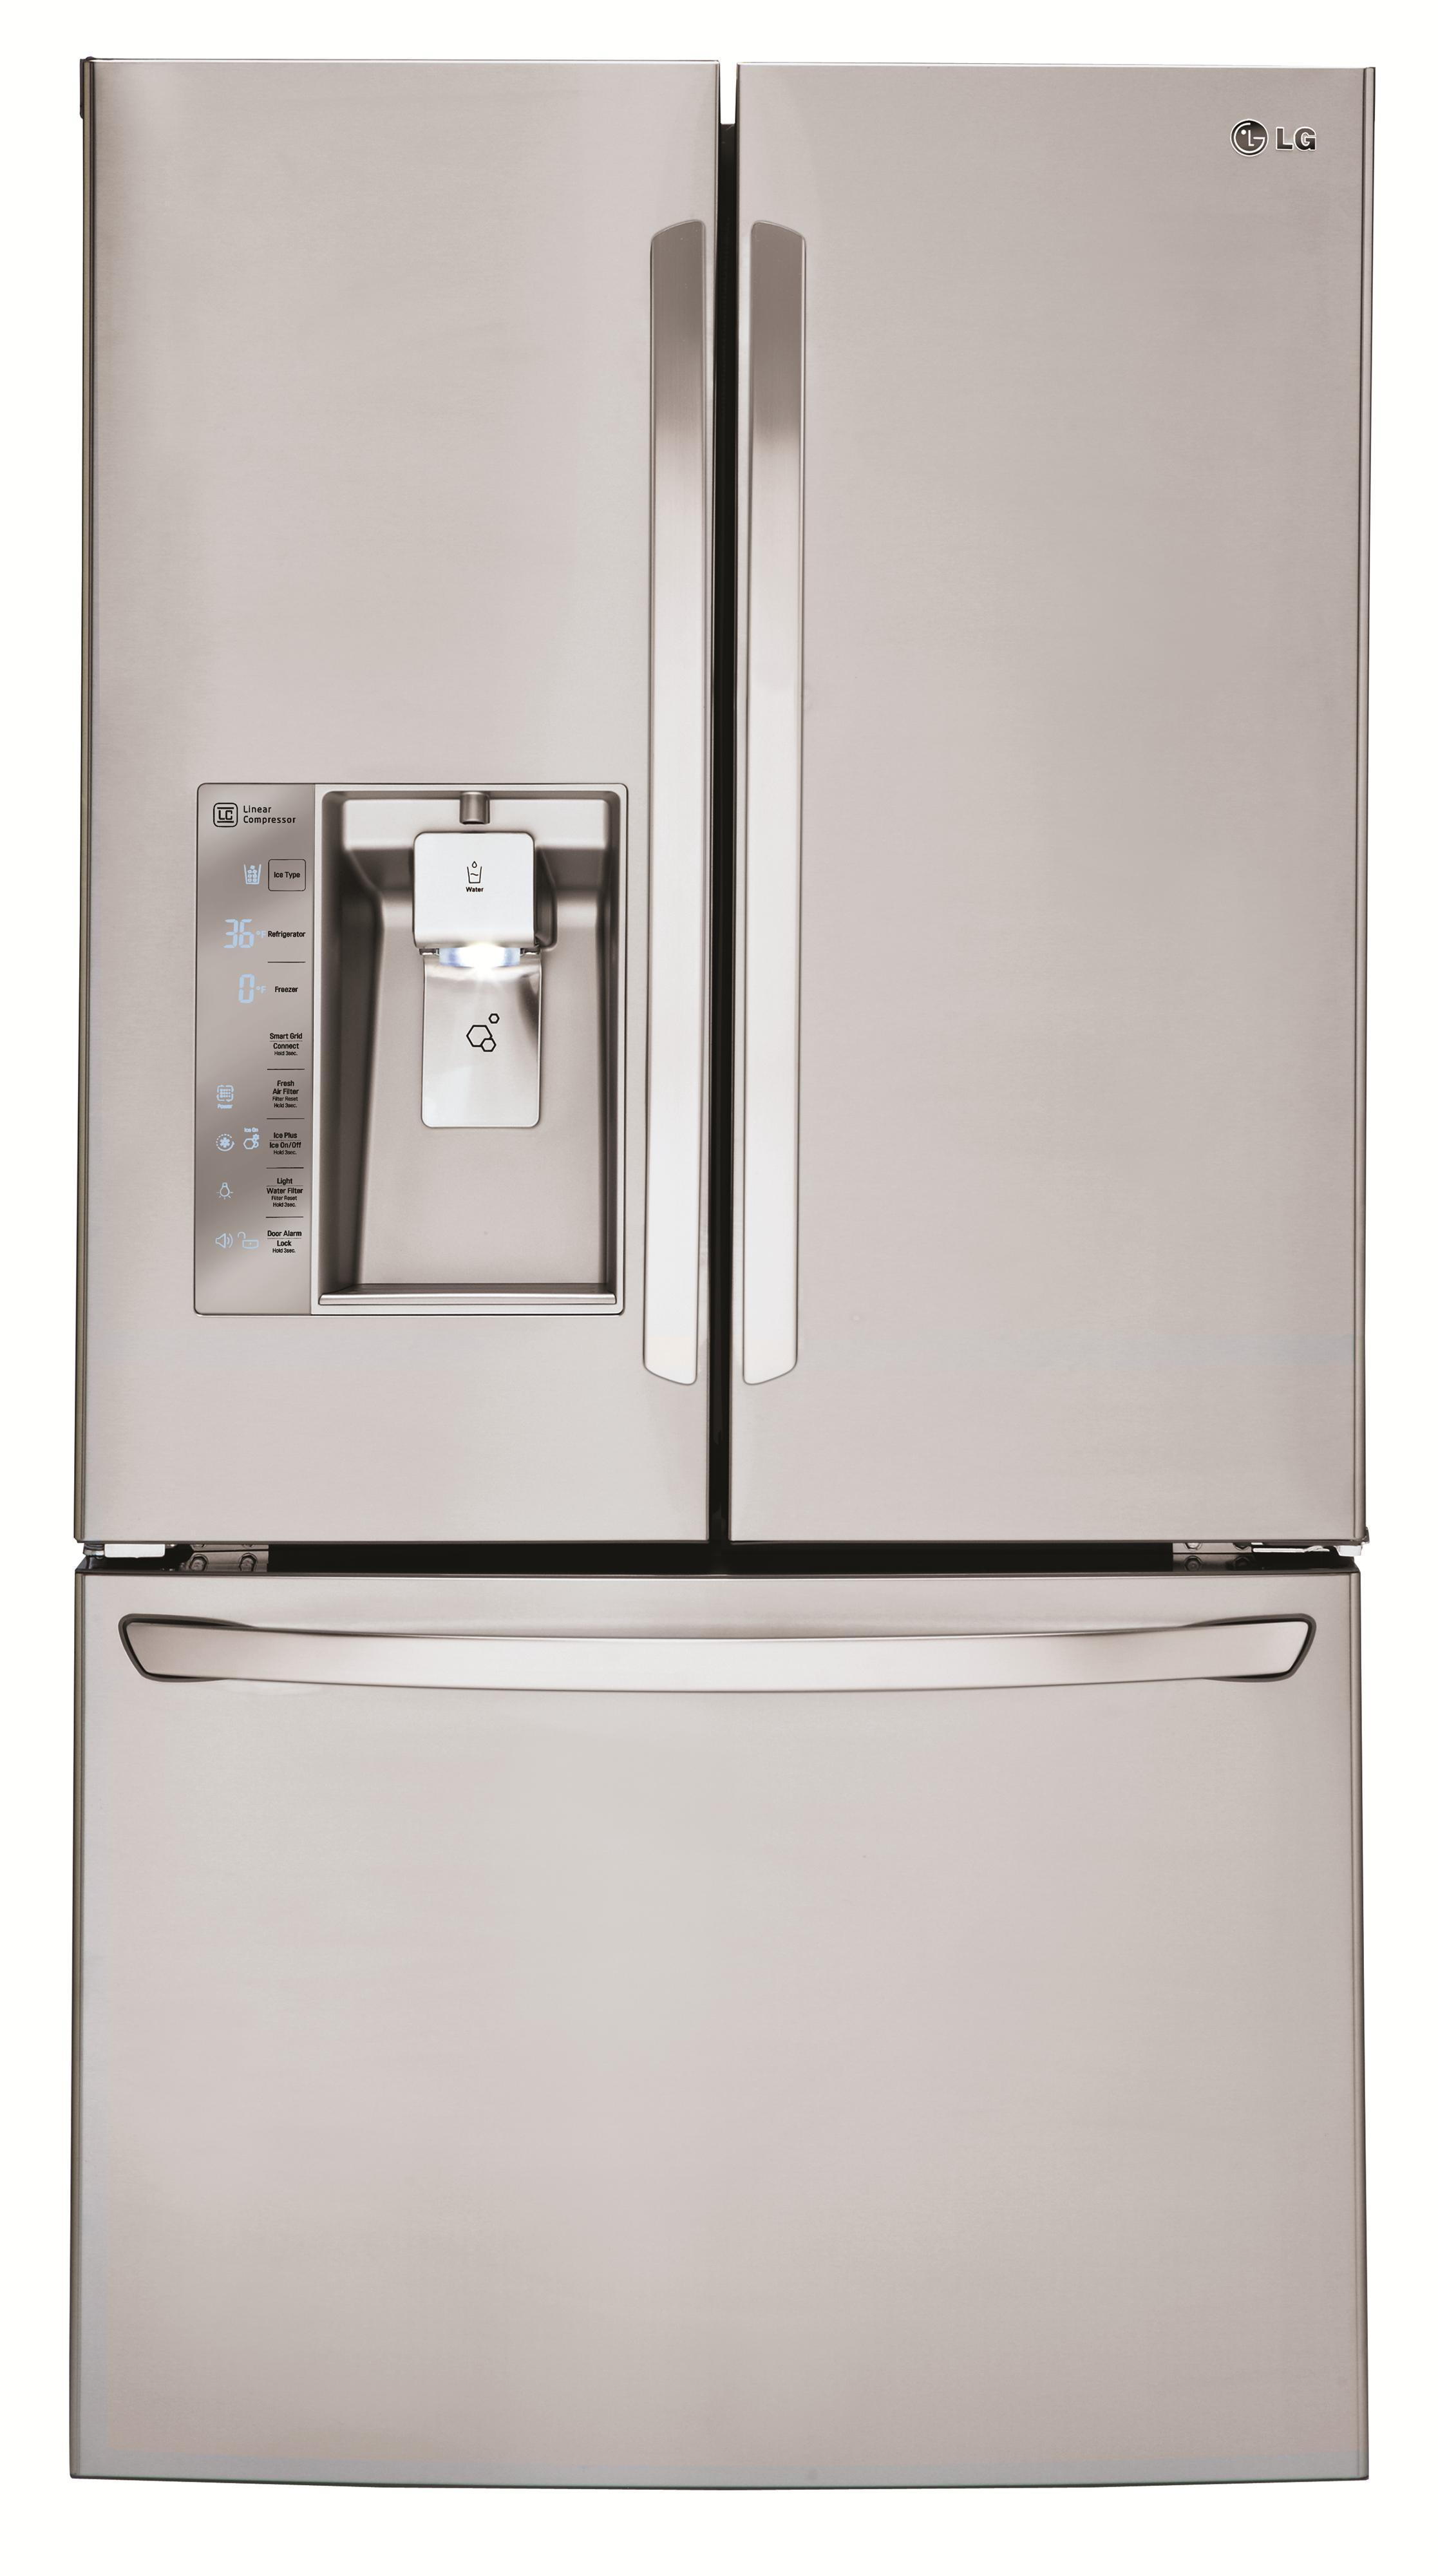 LG Appliances French Door Refrigerators 30 Cu. Ft. 3 Door French Door Fridge - Item Number: LFXS30726S